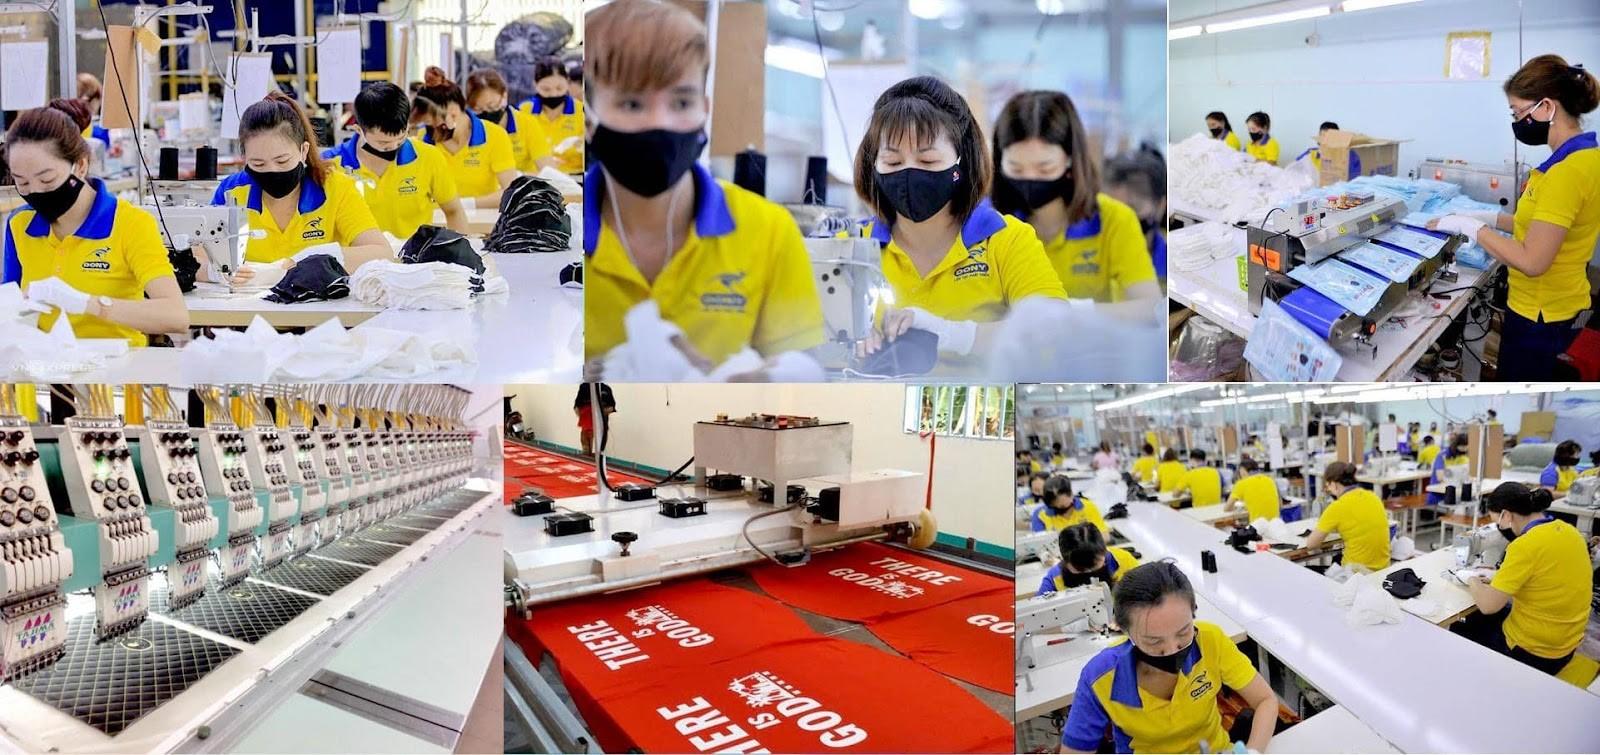 Xưởng May Dony - Xưởng May Gia Mũ Nón Thời Trang Đẹp, Chất Lượng, Giá Cả Cạnh Tranh